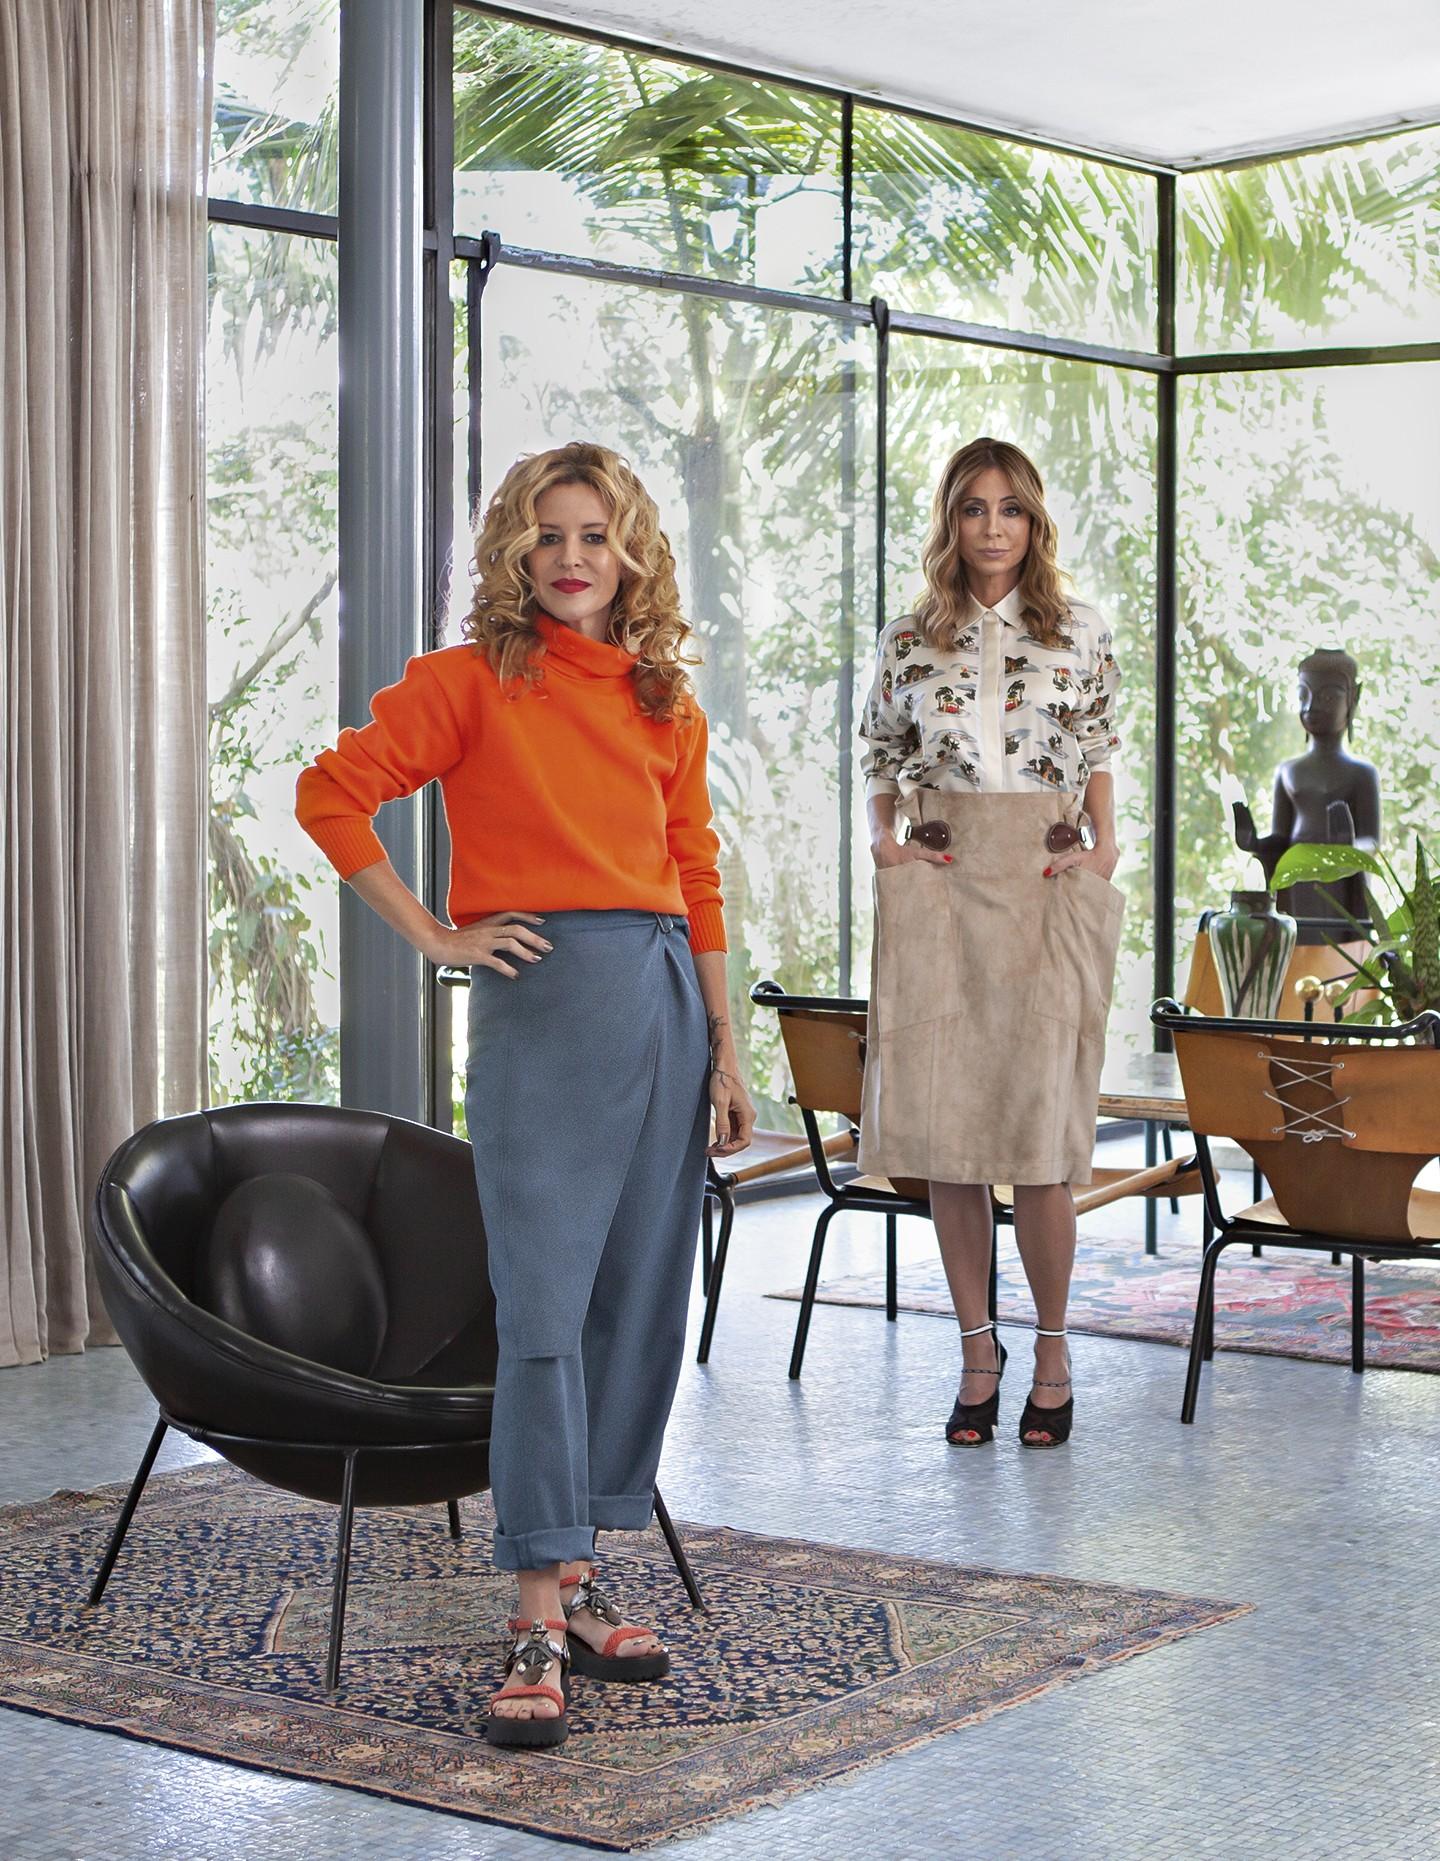 Edição de junho da Casa Vogue enaltece o trabalho de mulheres (Foto: Daniela Toviansky)